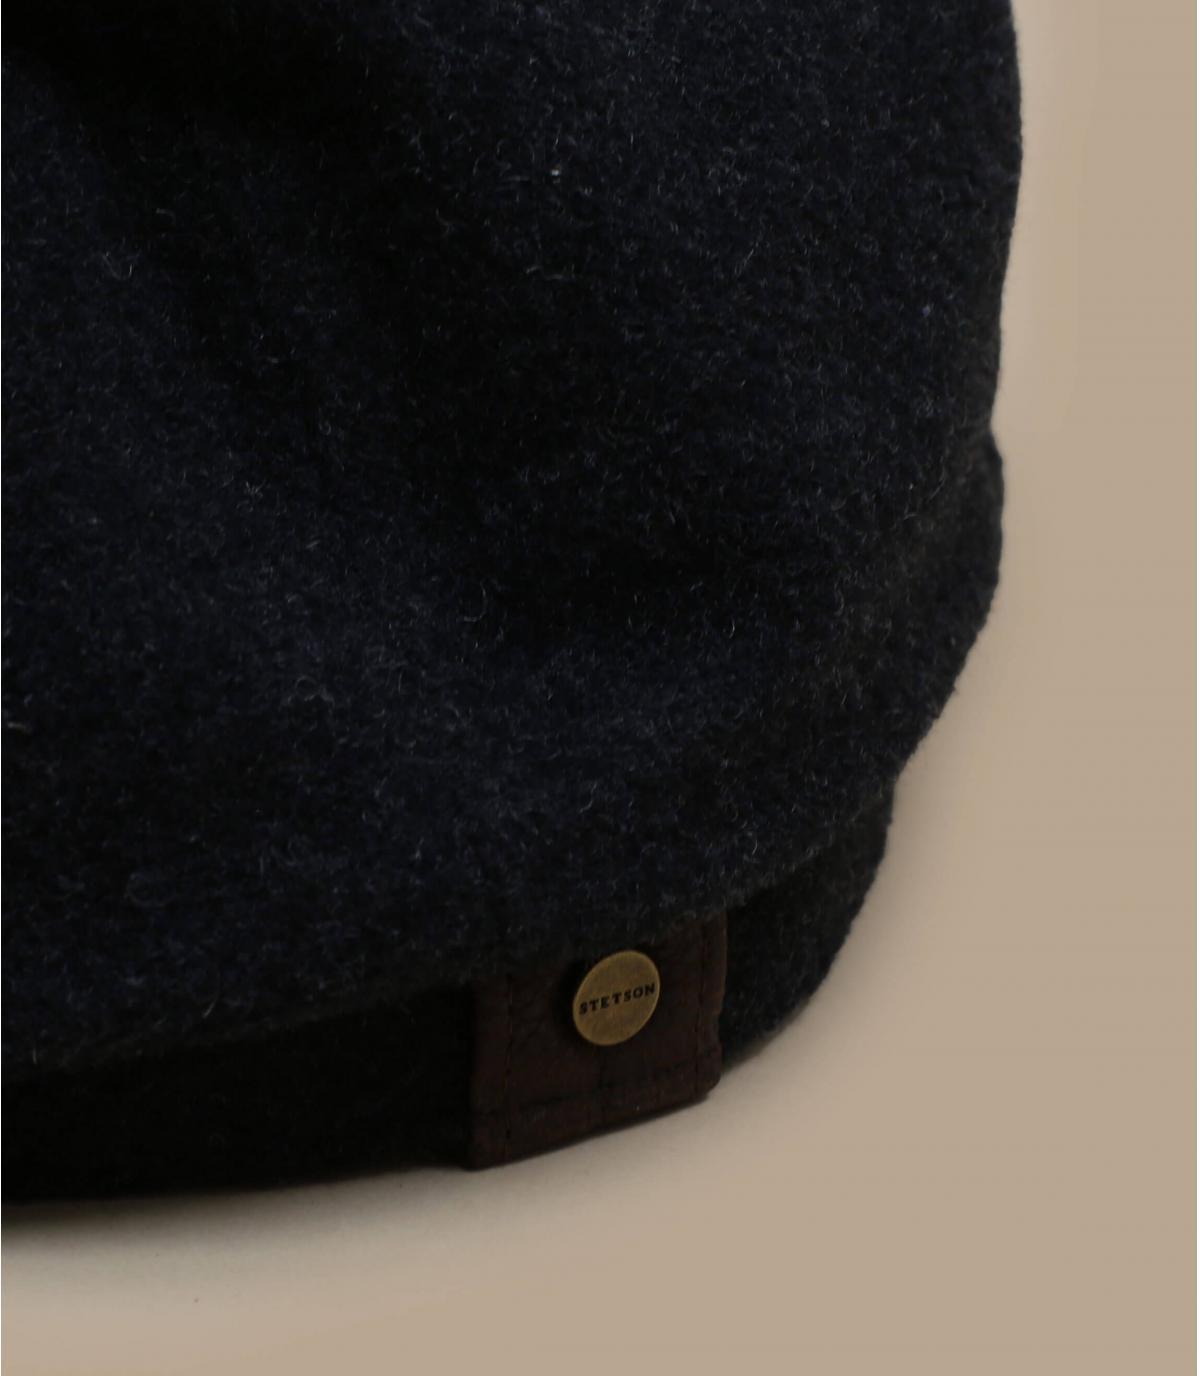 Détails Hatteras antracite wool/cashmere - image 2